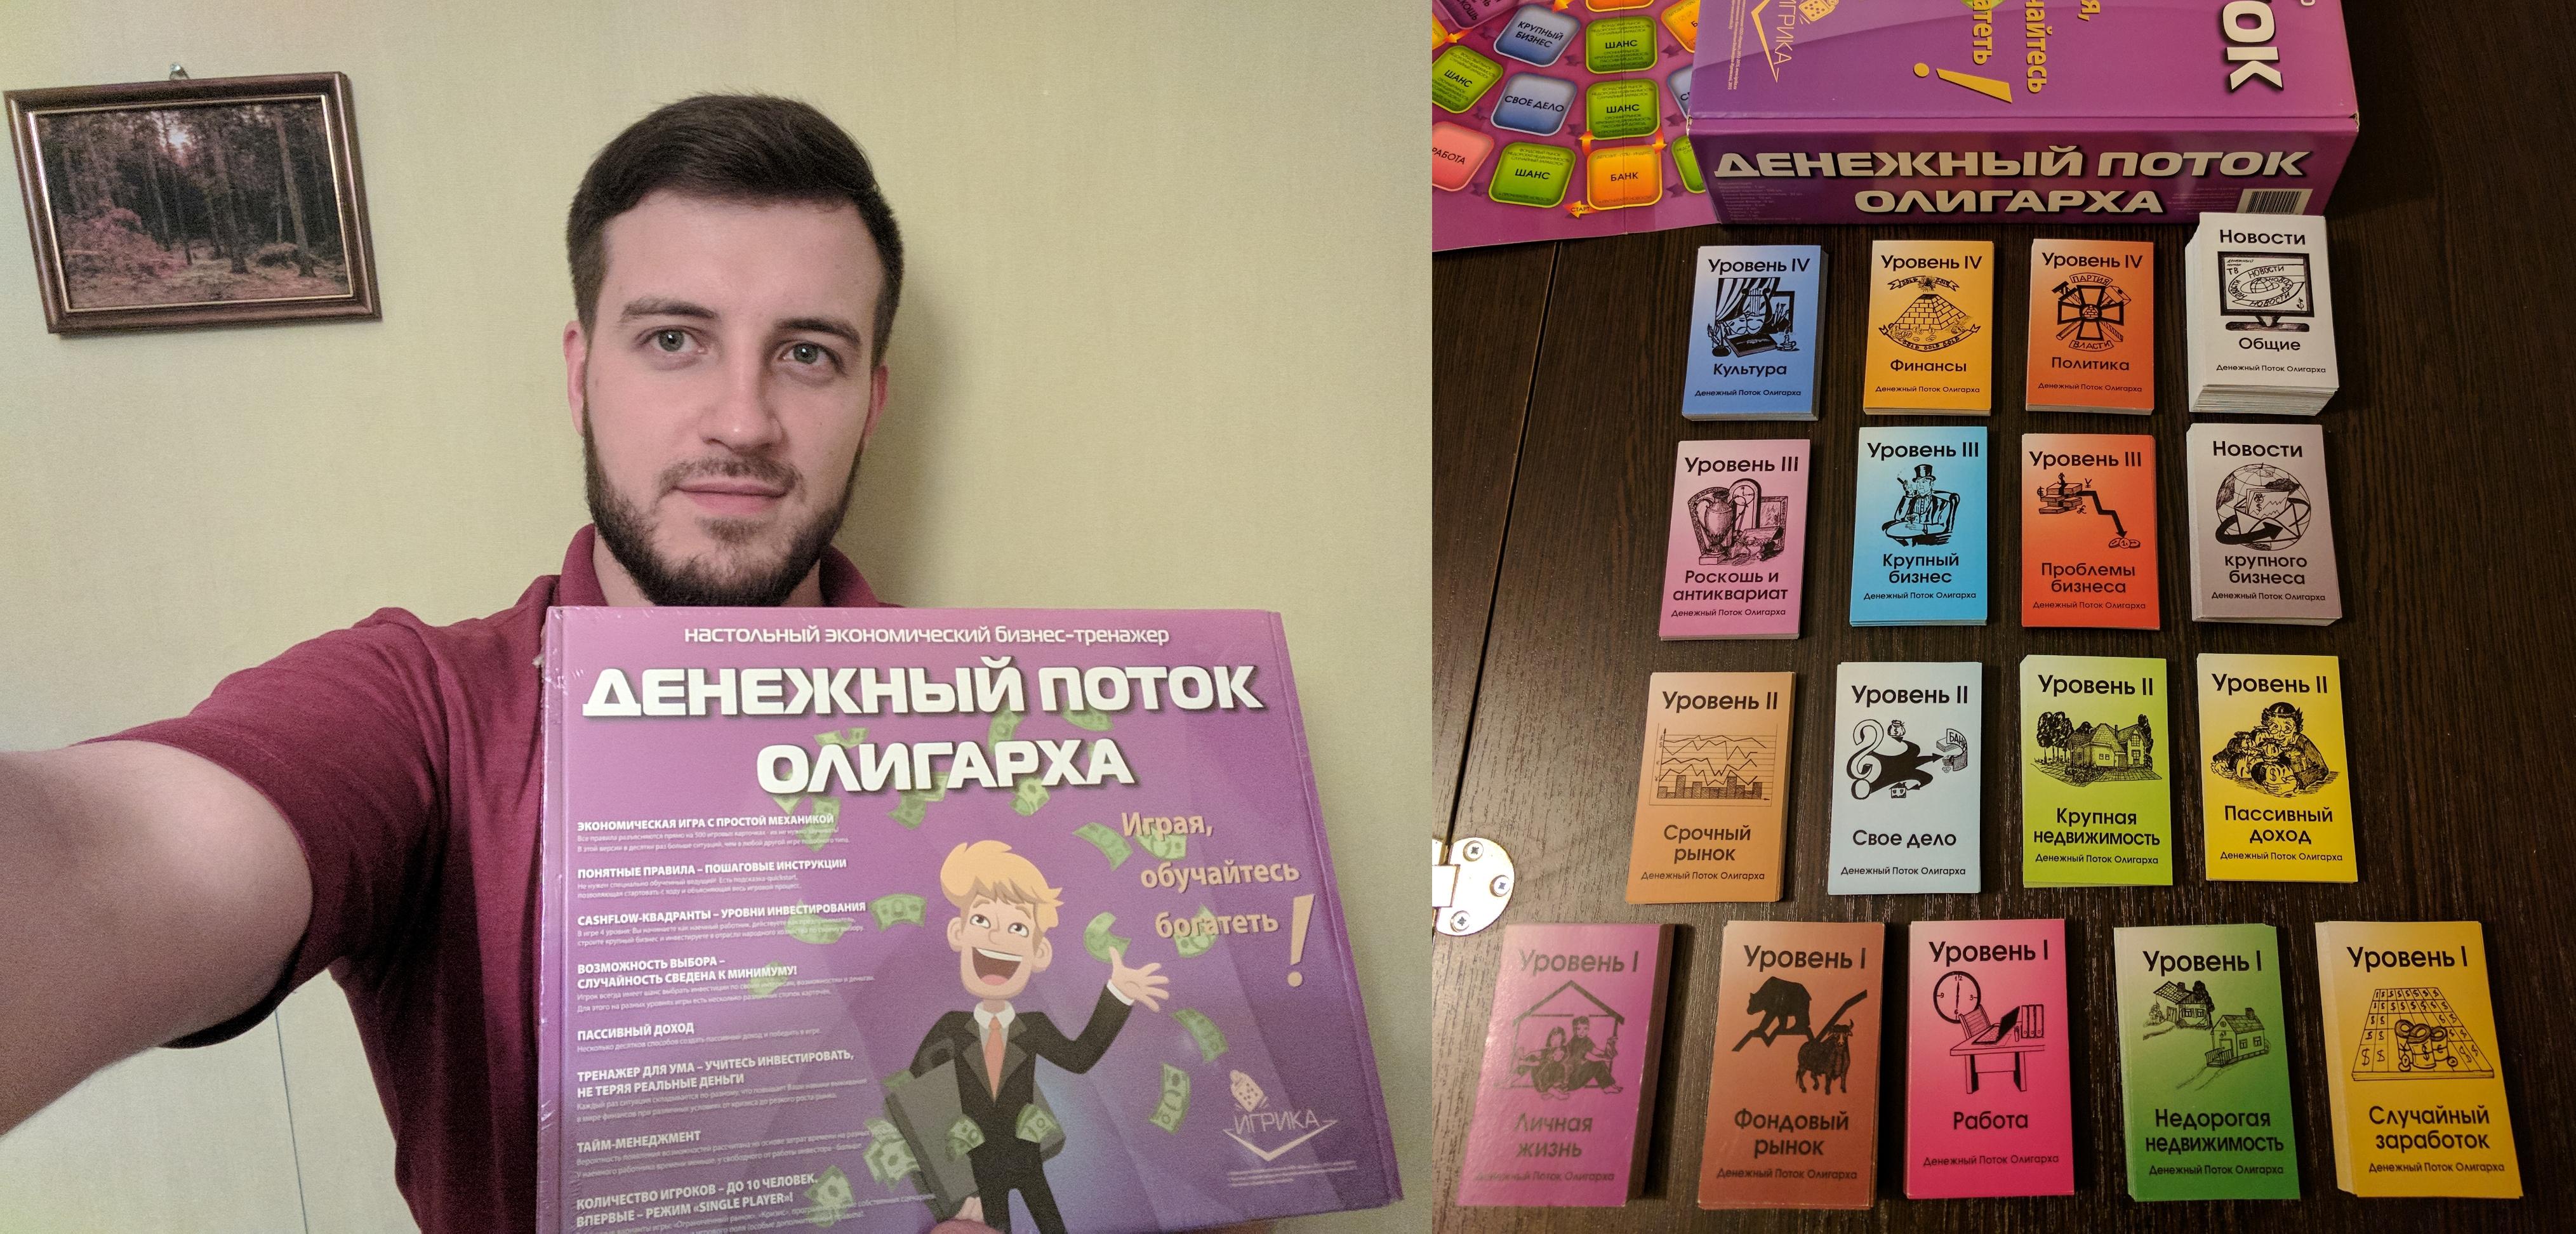 ДПО КРД worldofcashflow.ru